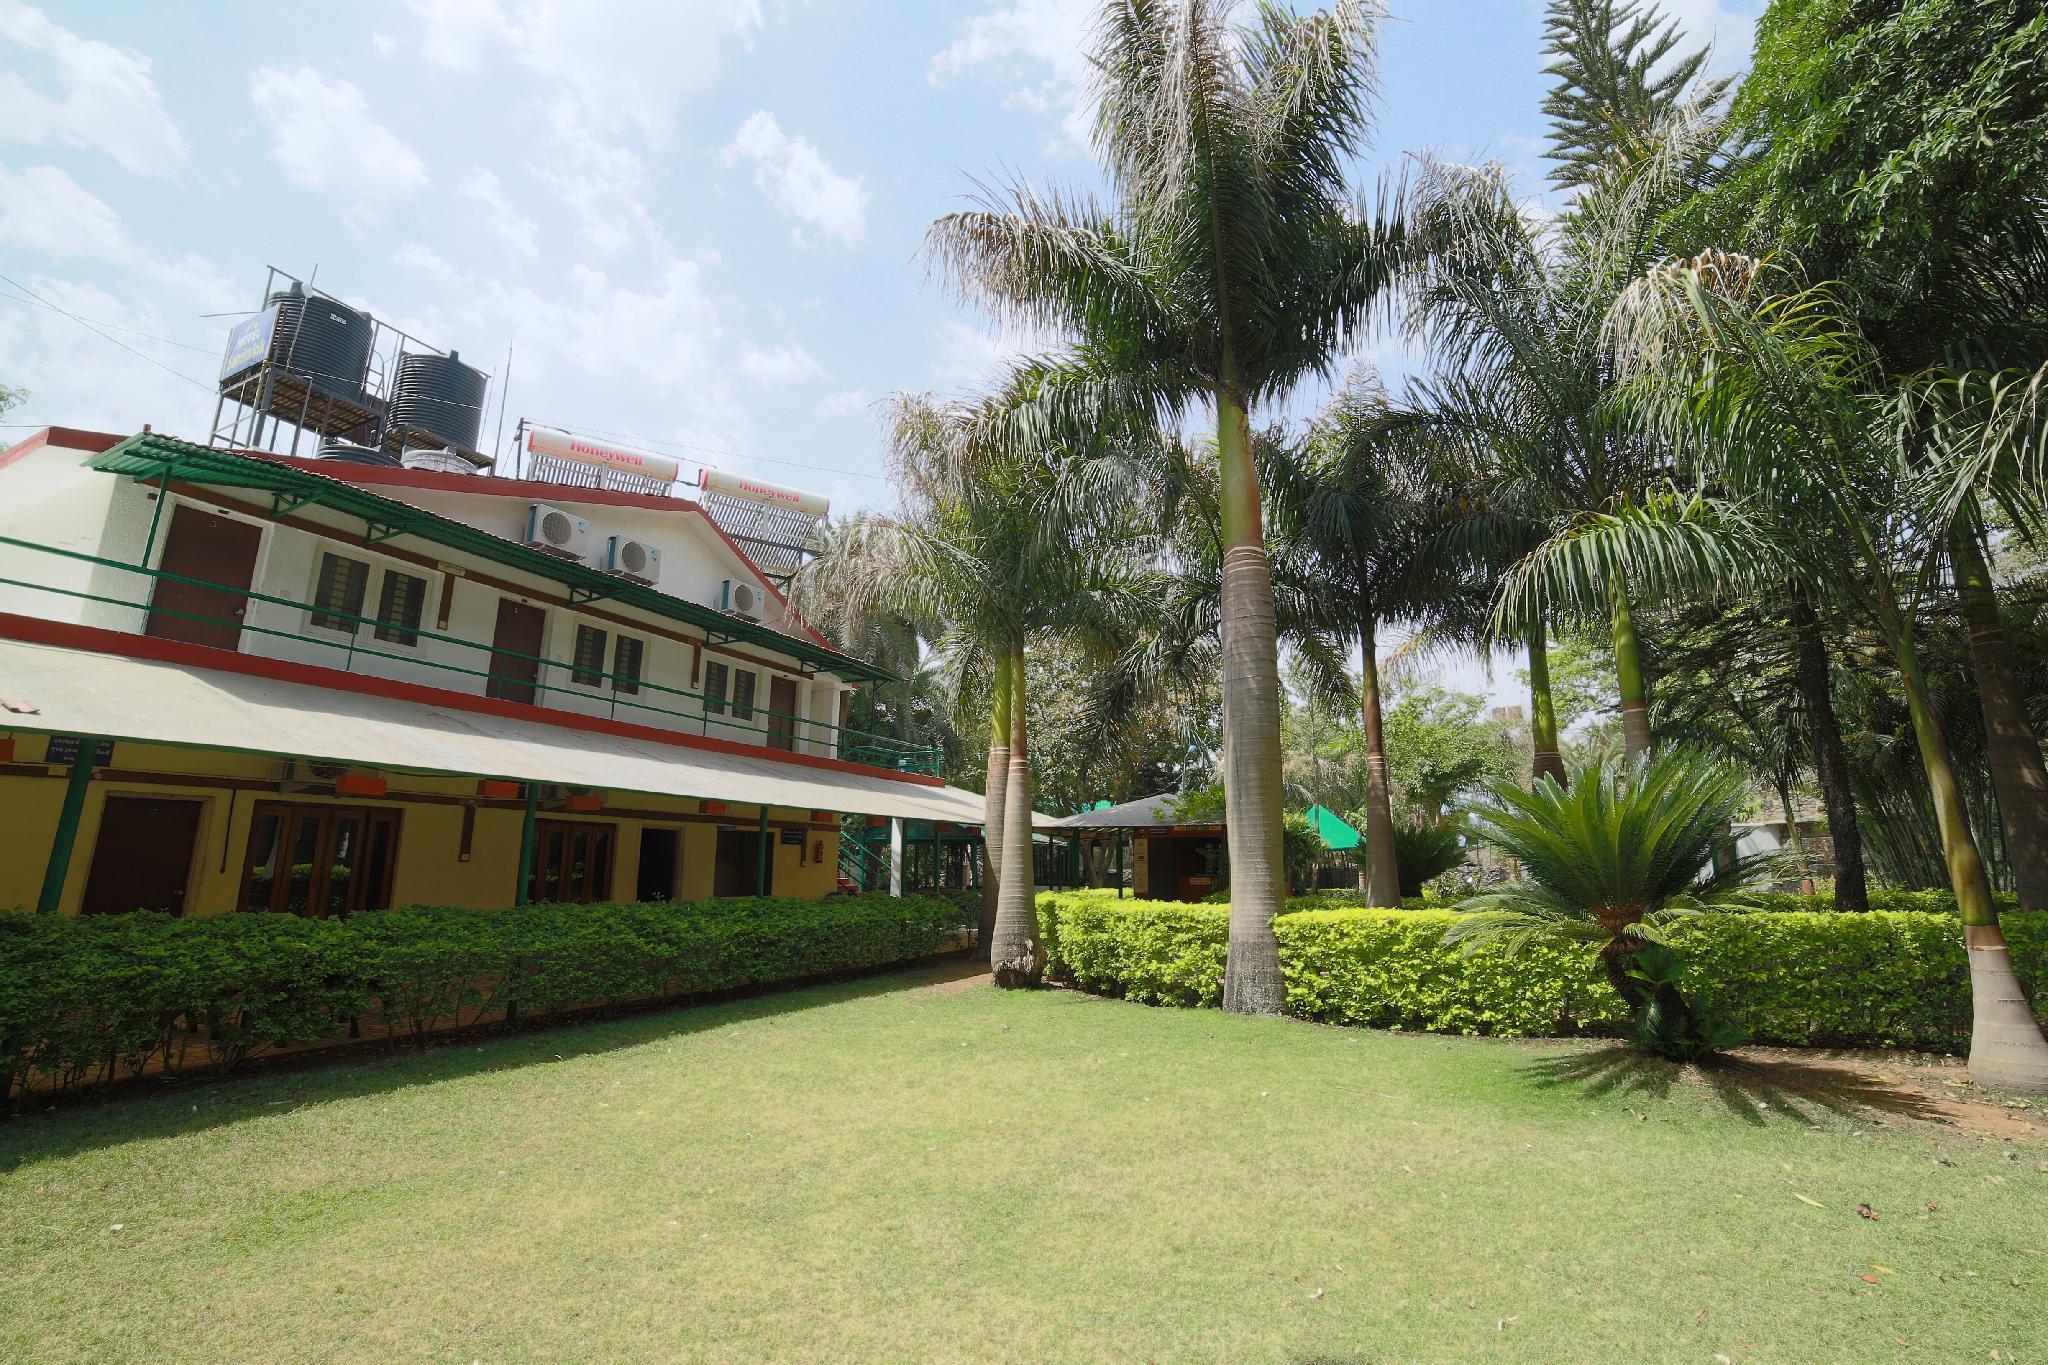 Samiralok Hotel